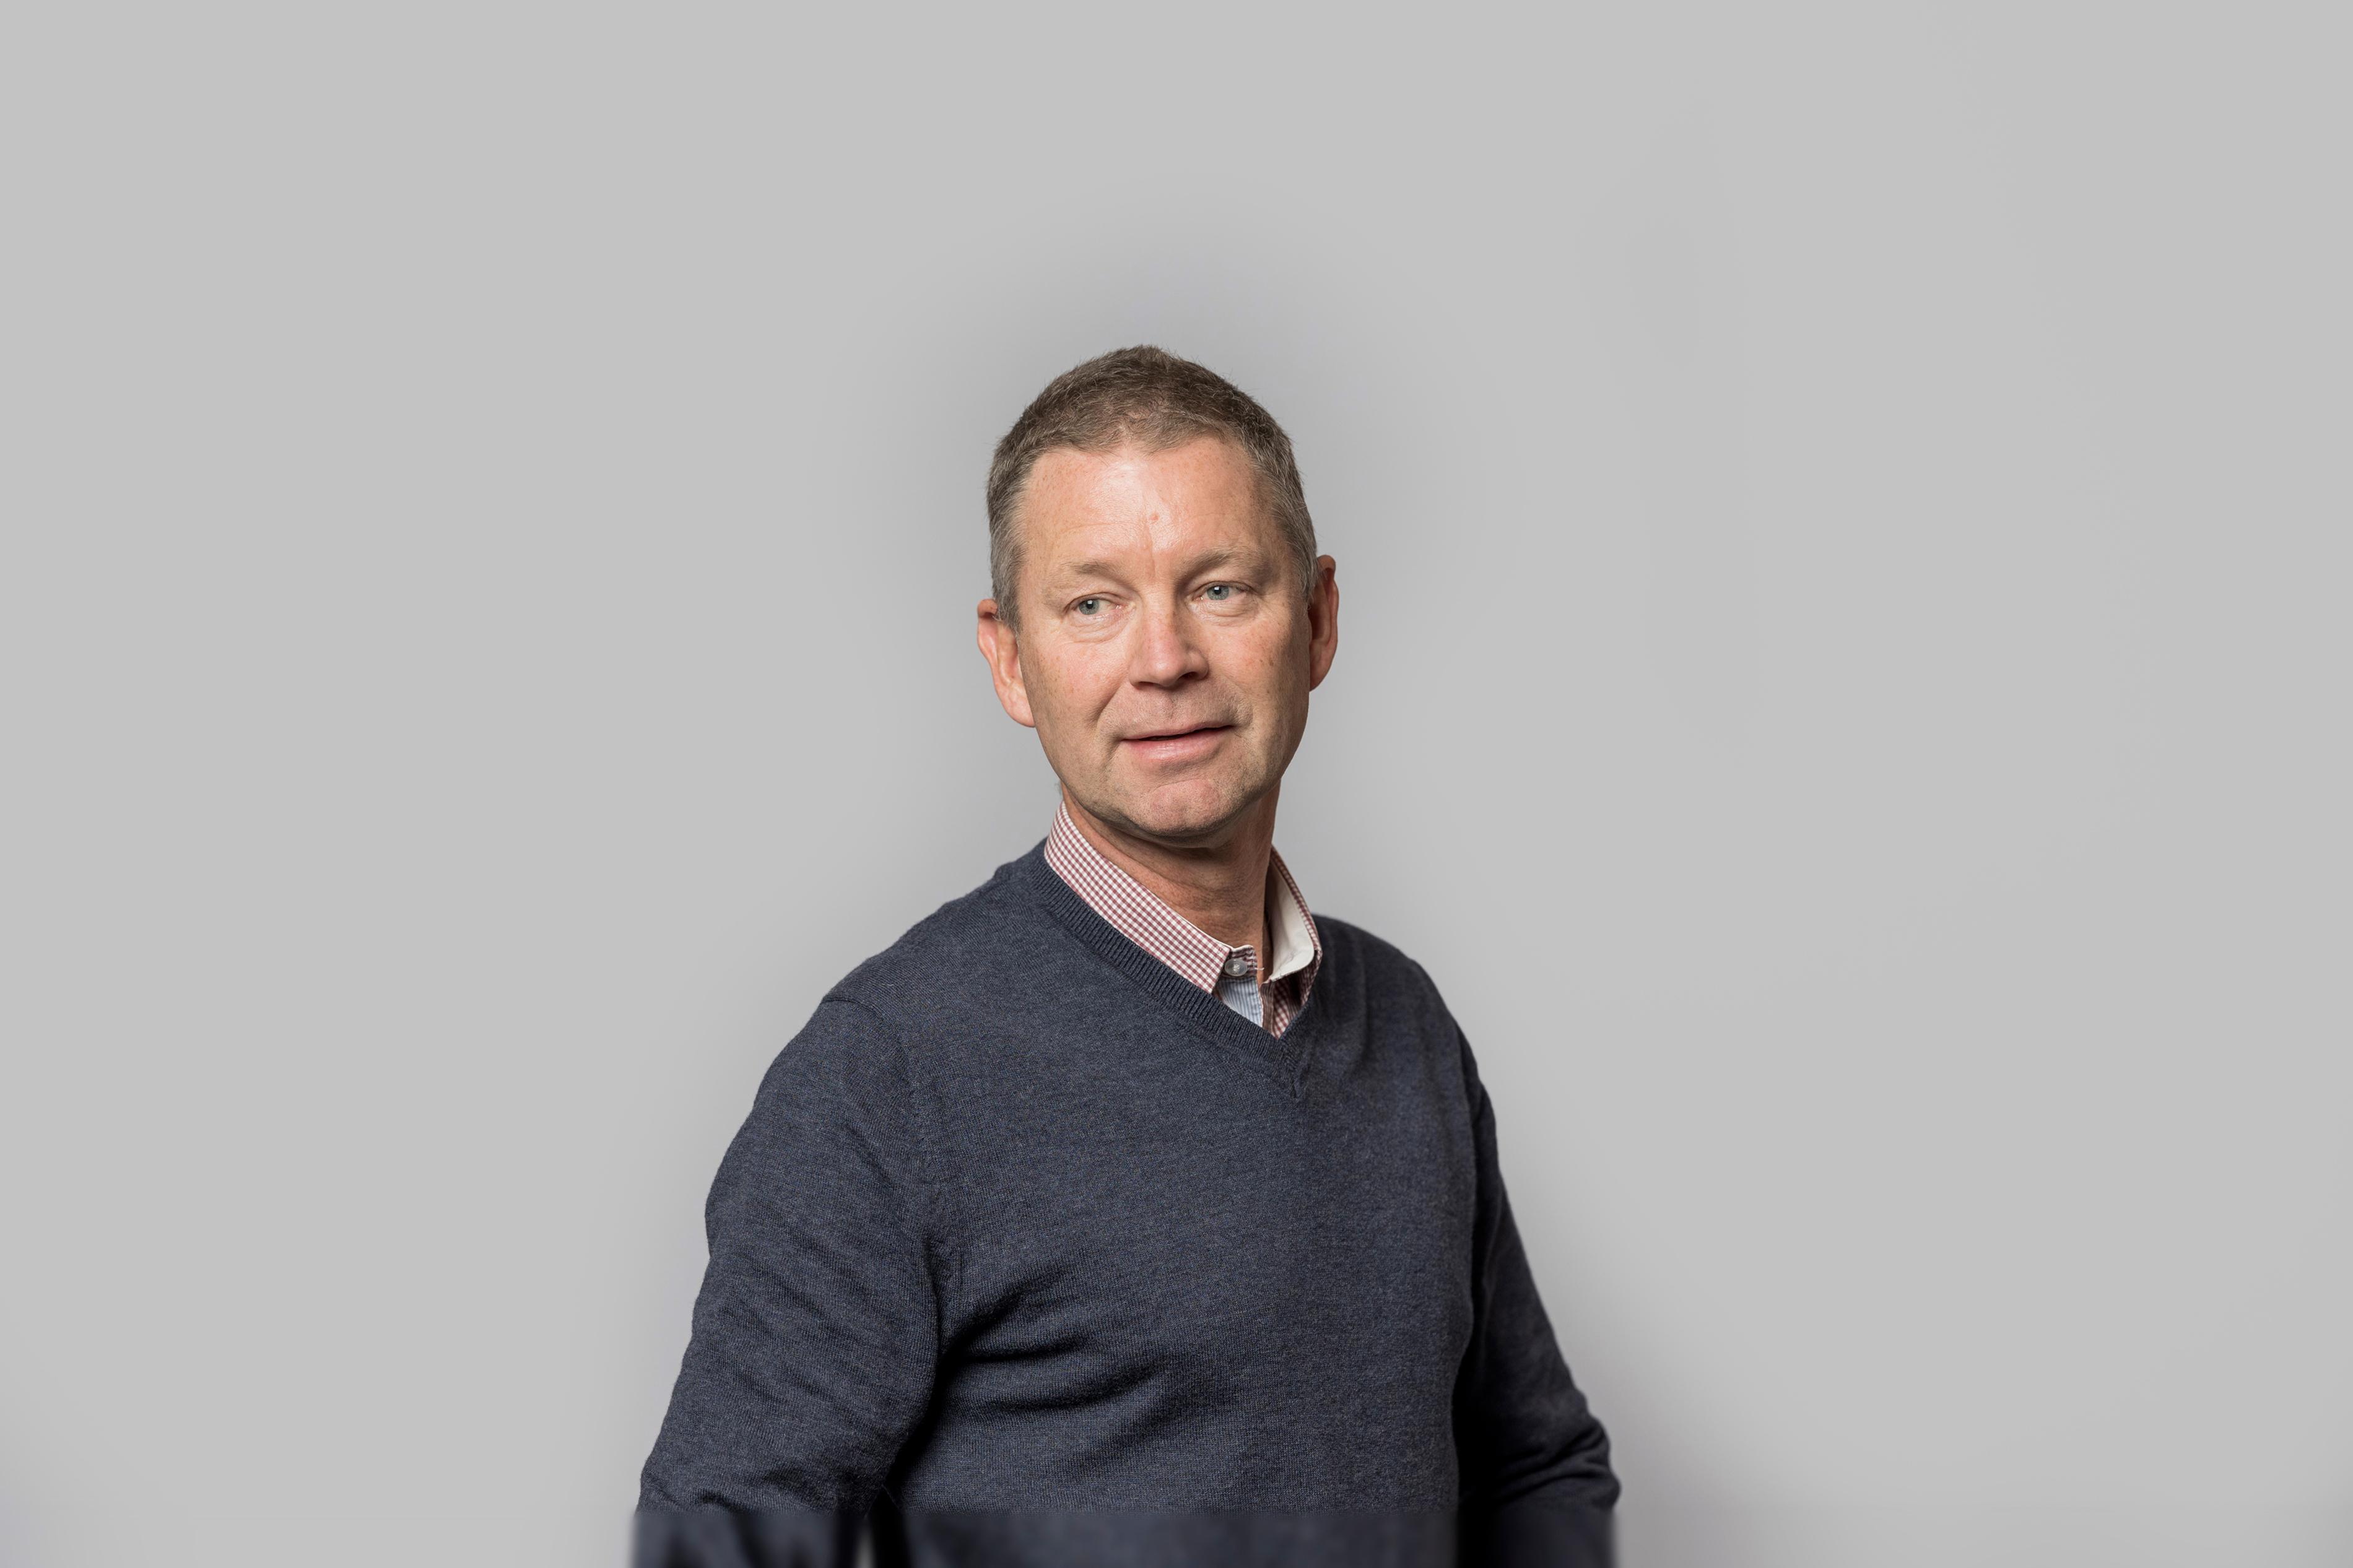 Michael Wäneskog